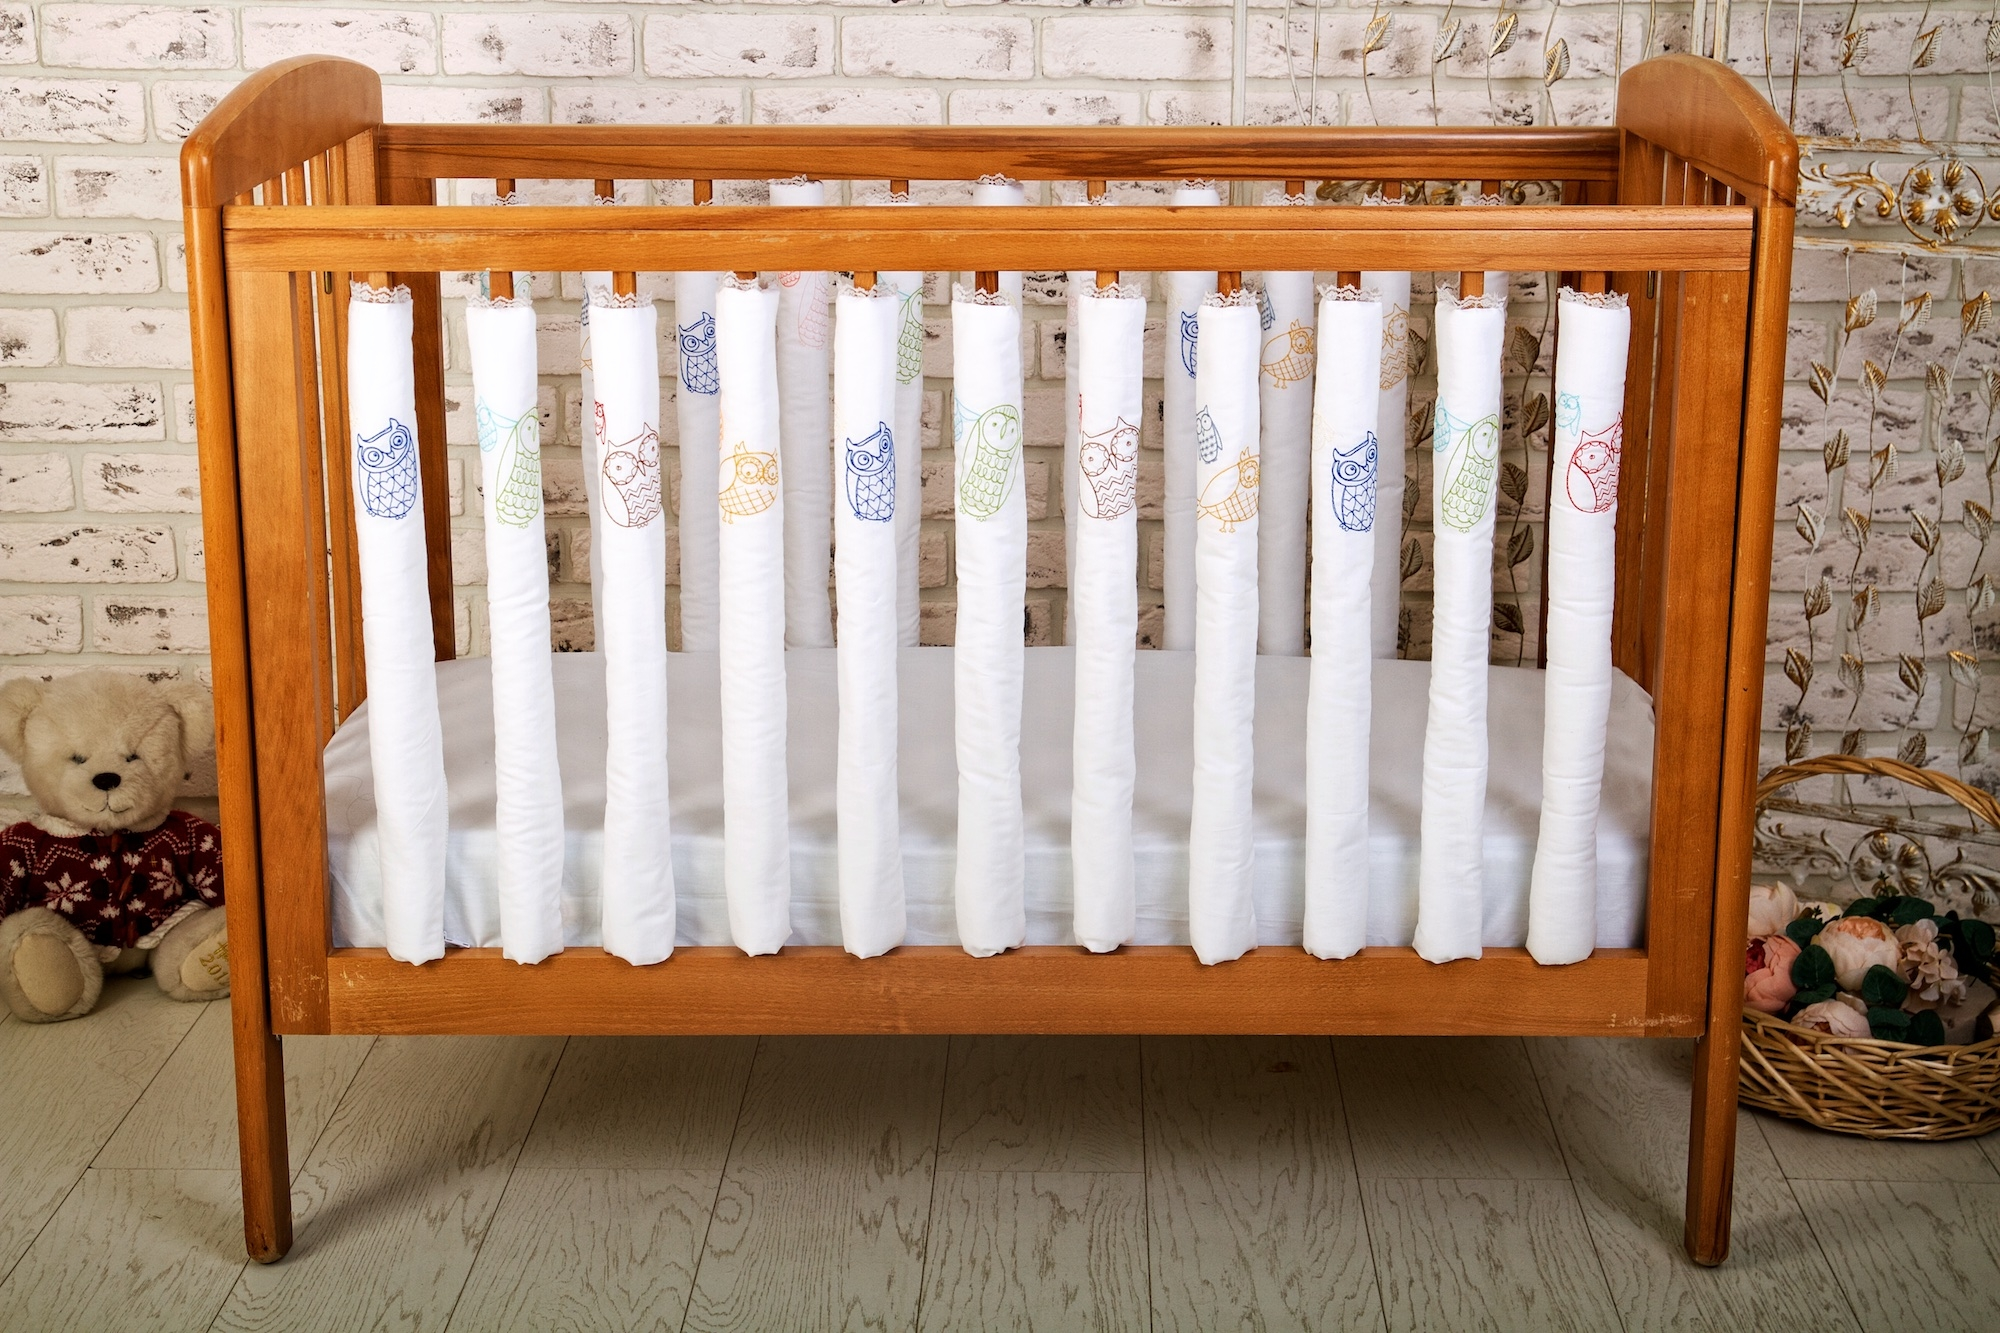 Аксессуары для кроваток Cloud factory Funny Owls 12 шт комплект фенс бамперов cloud factory 12 шт beauty balloons